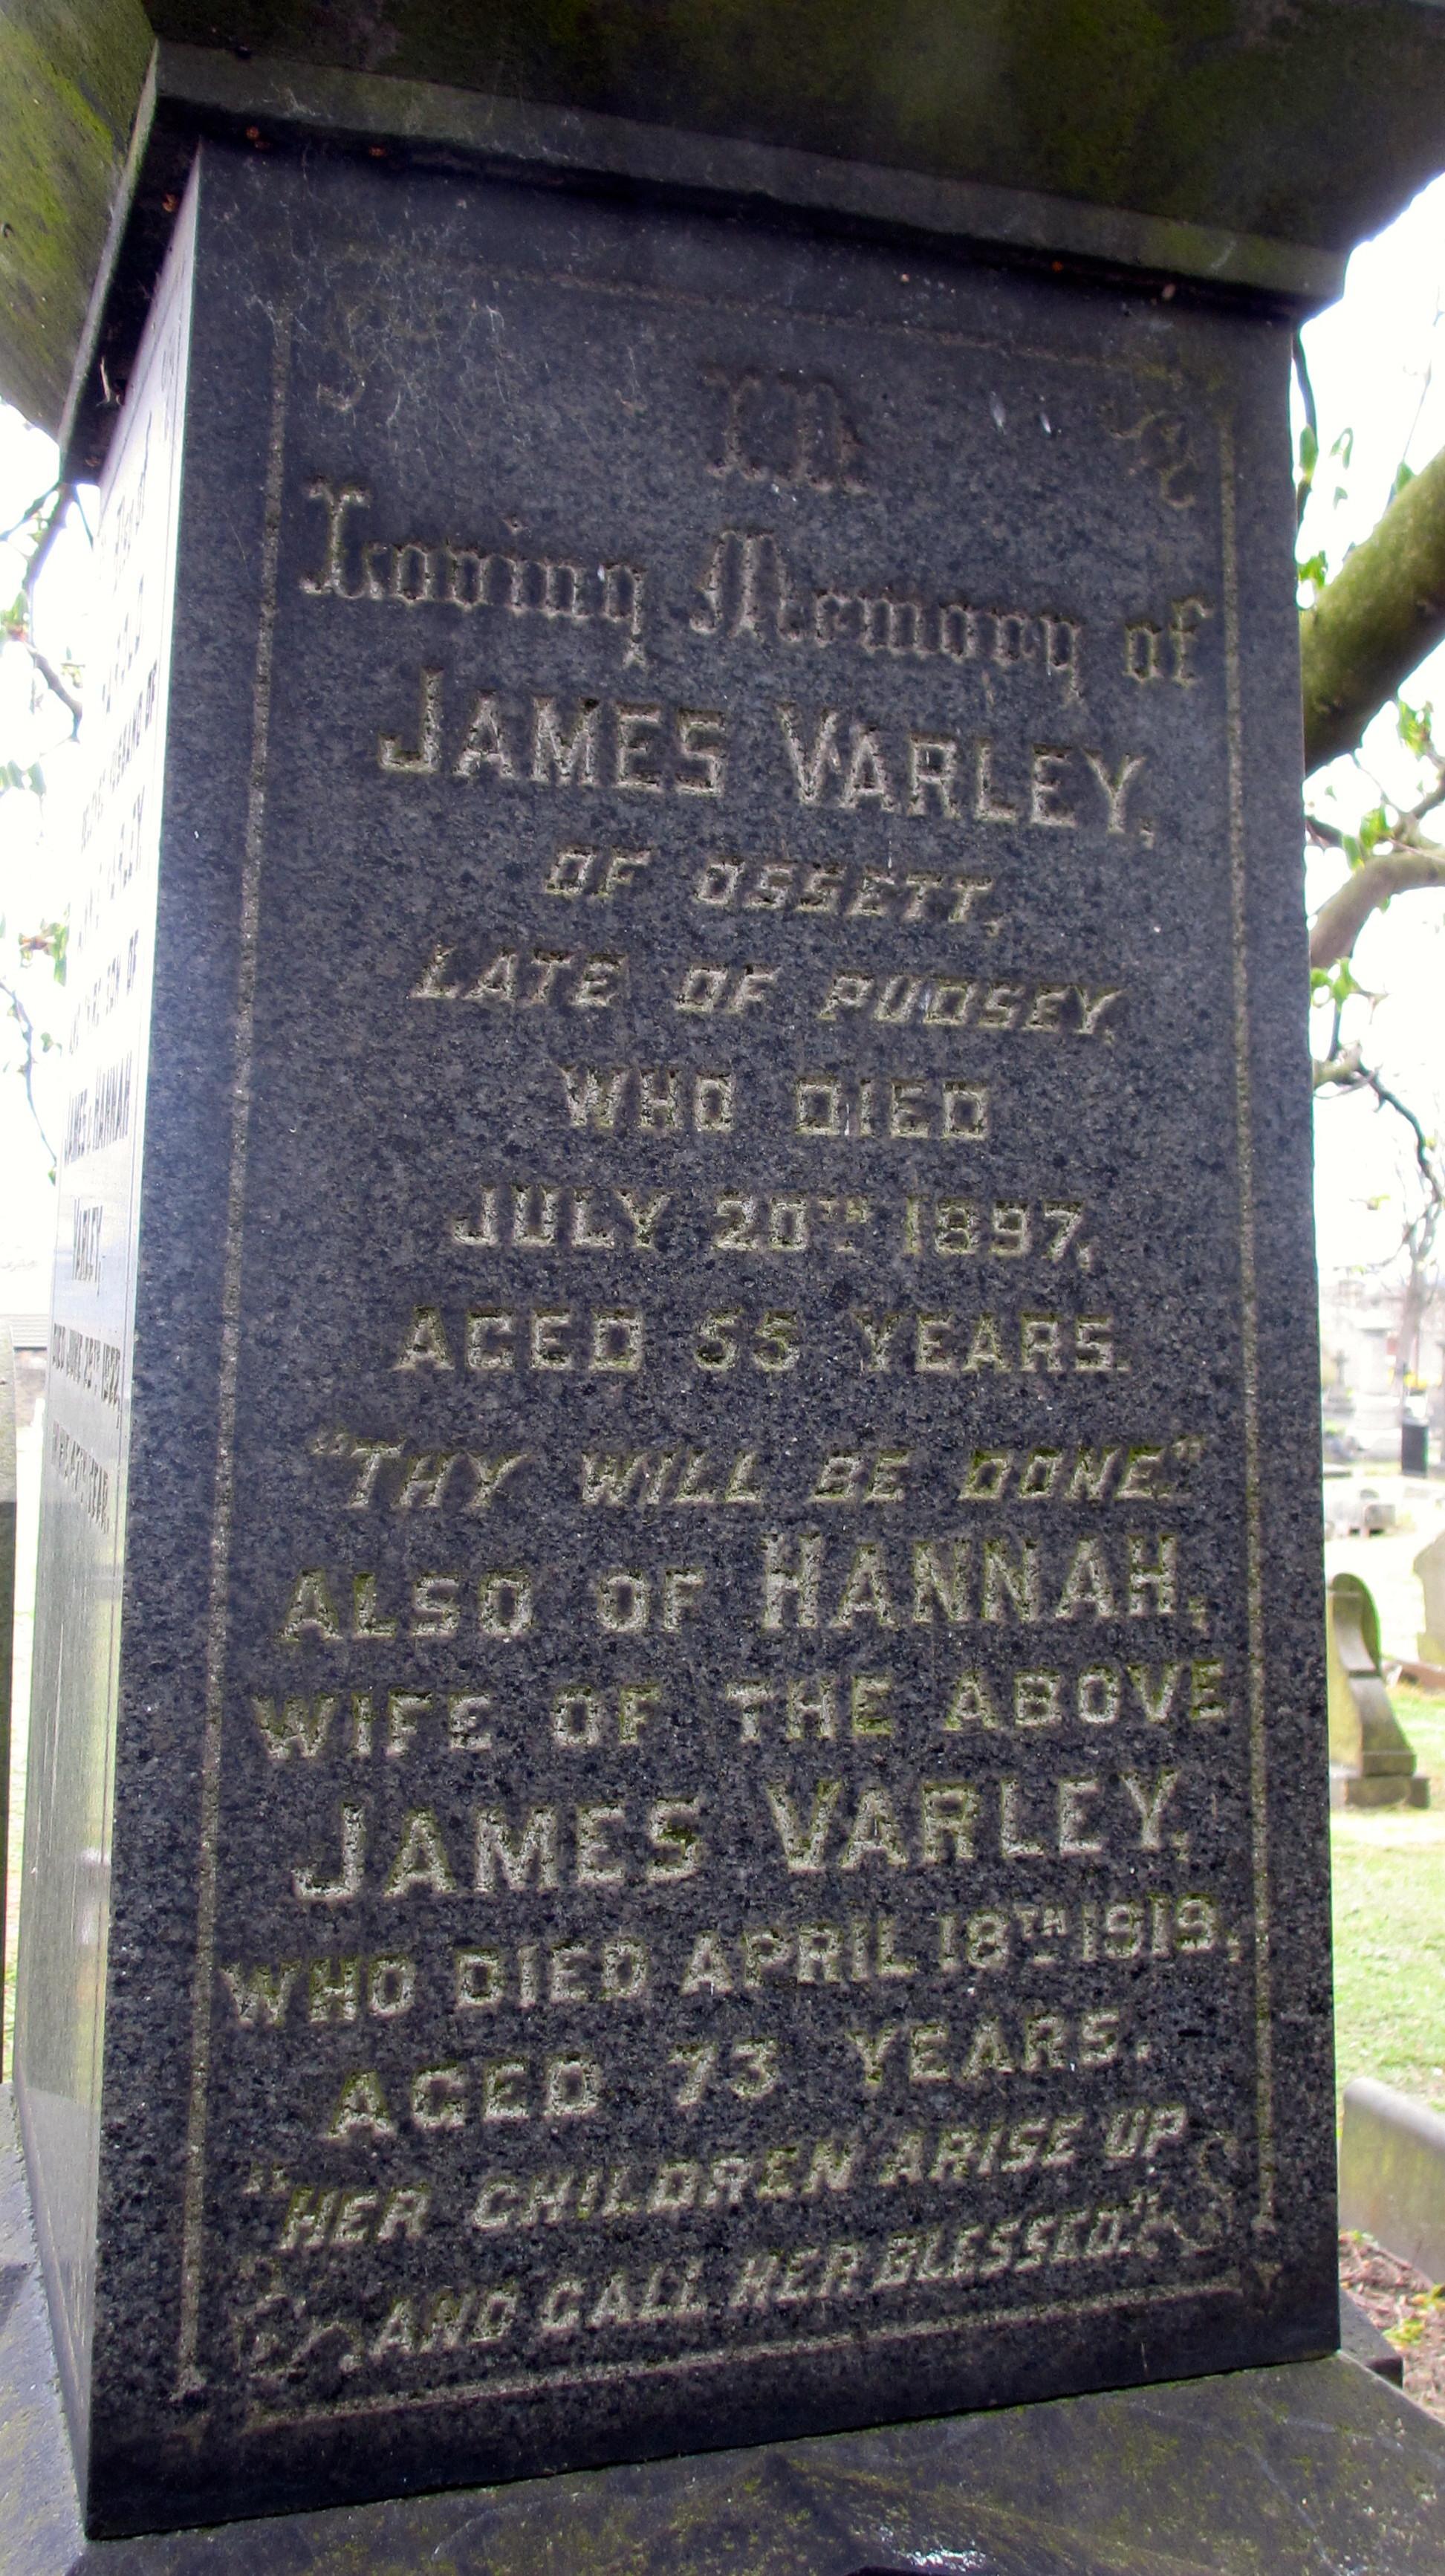 James Varley